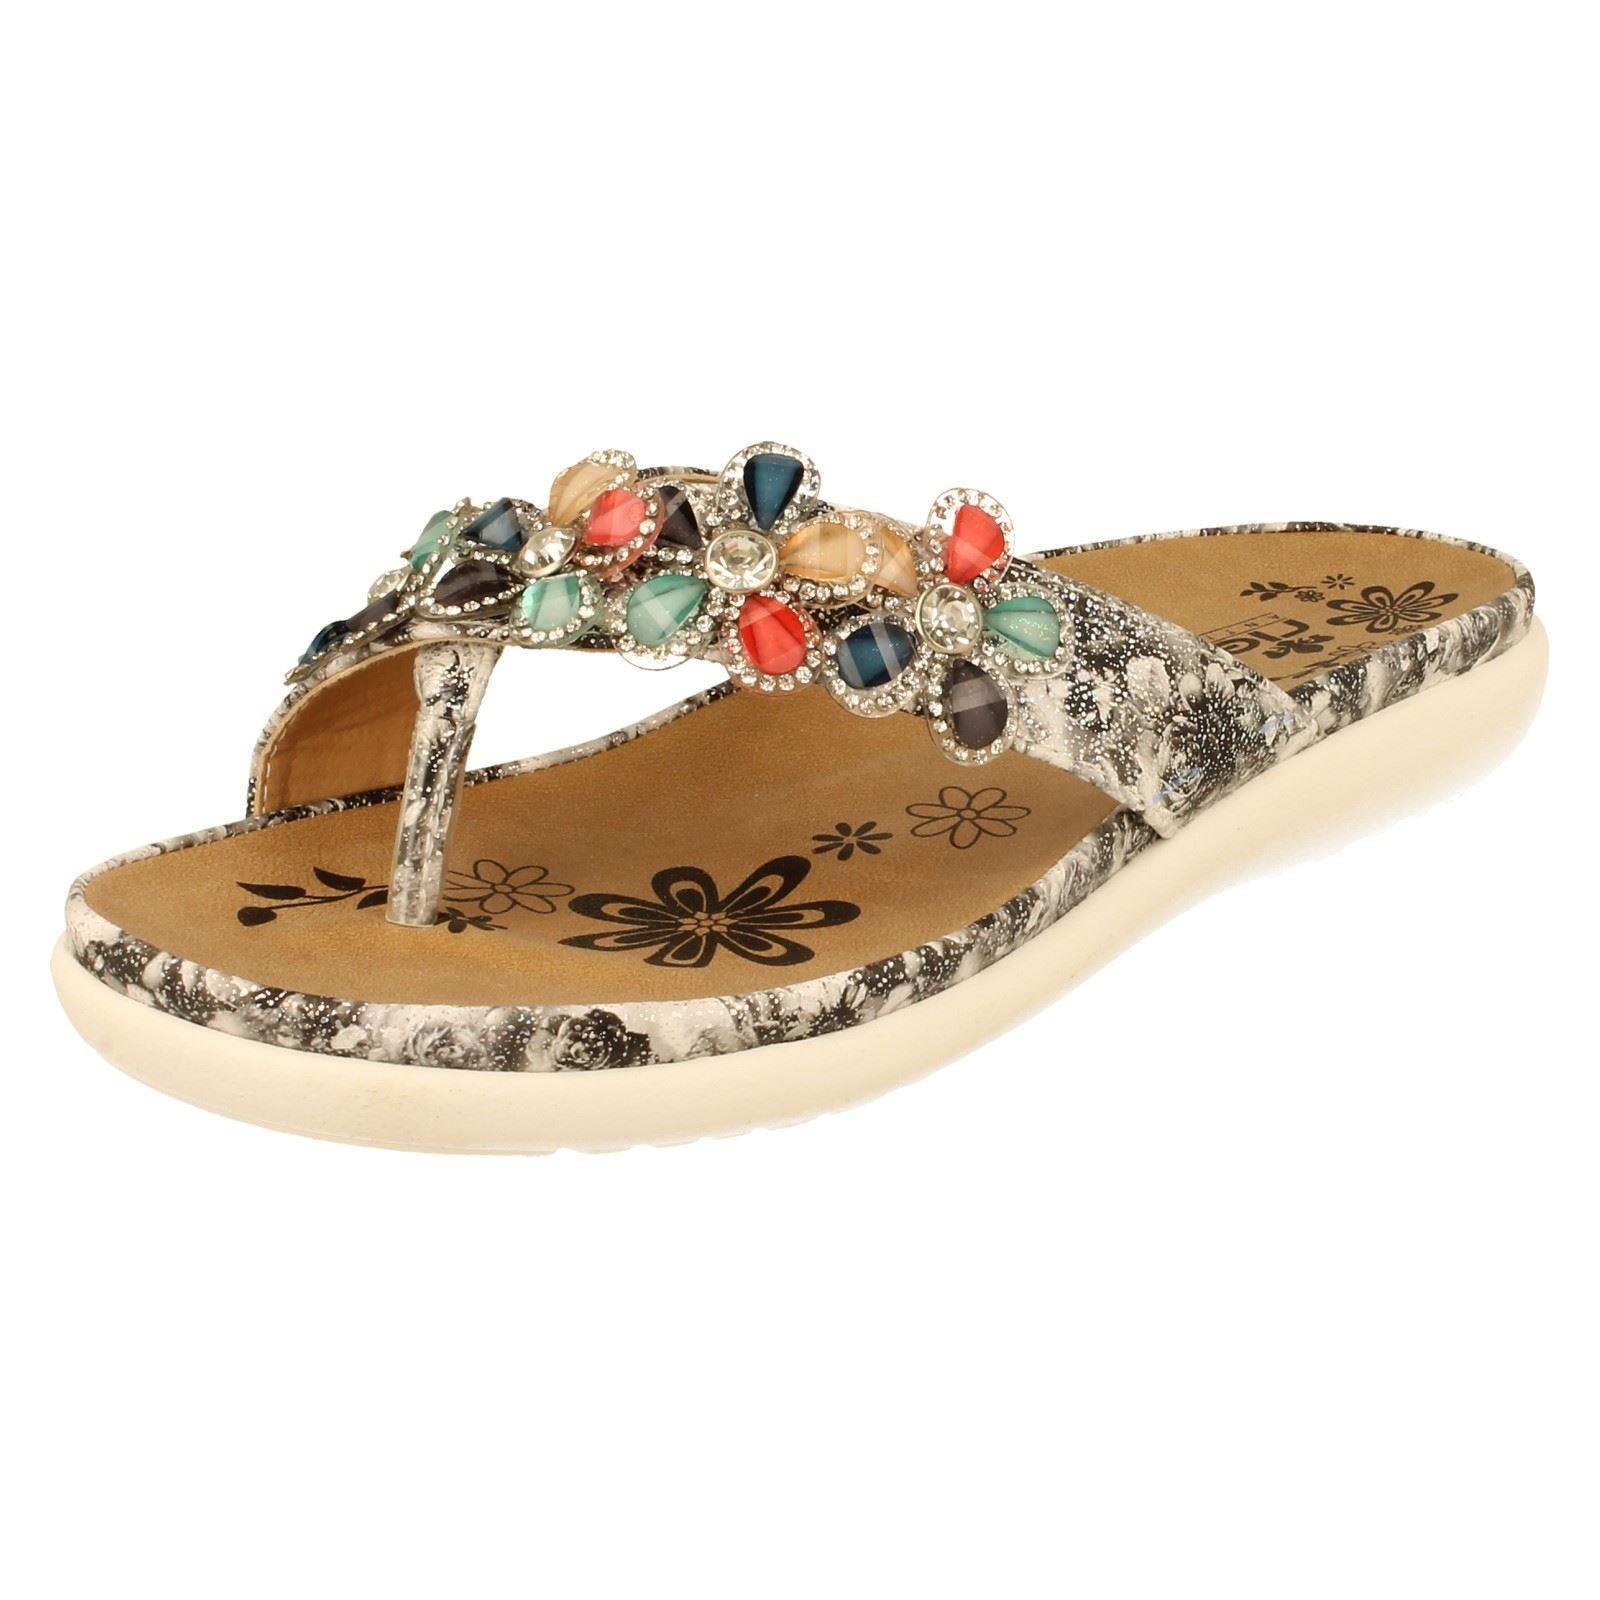 Femmes Rieker Rieker Rieker toe post sandals Label V9591-W 4d778e